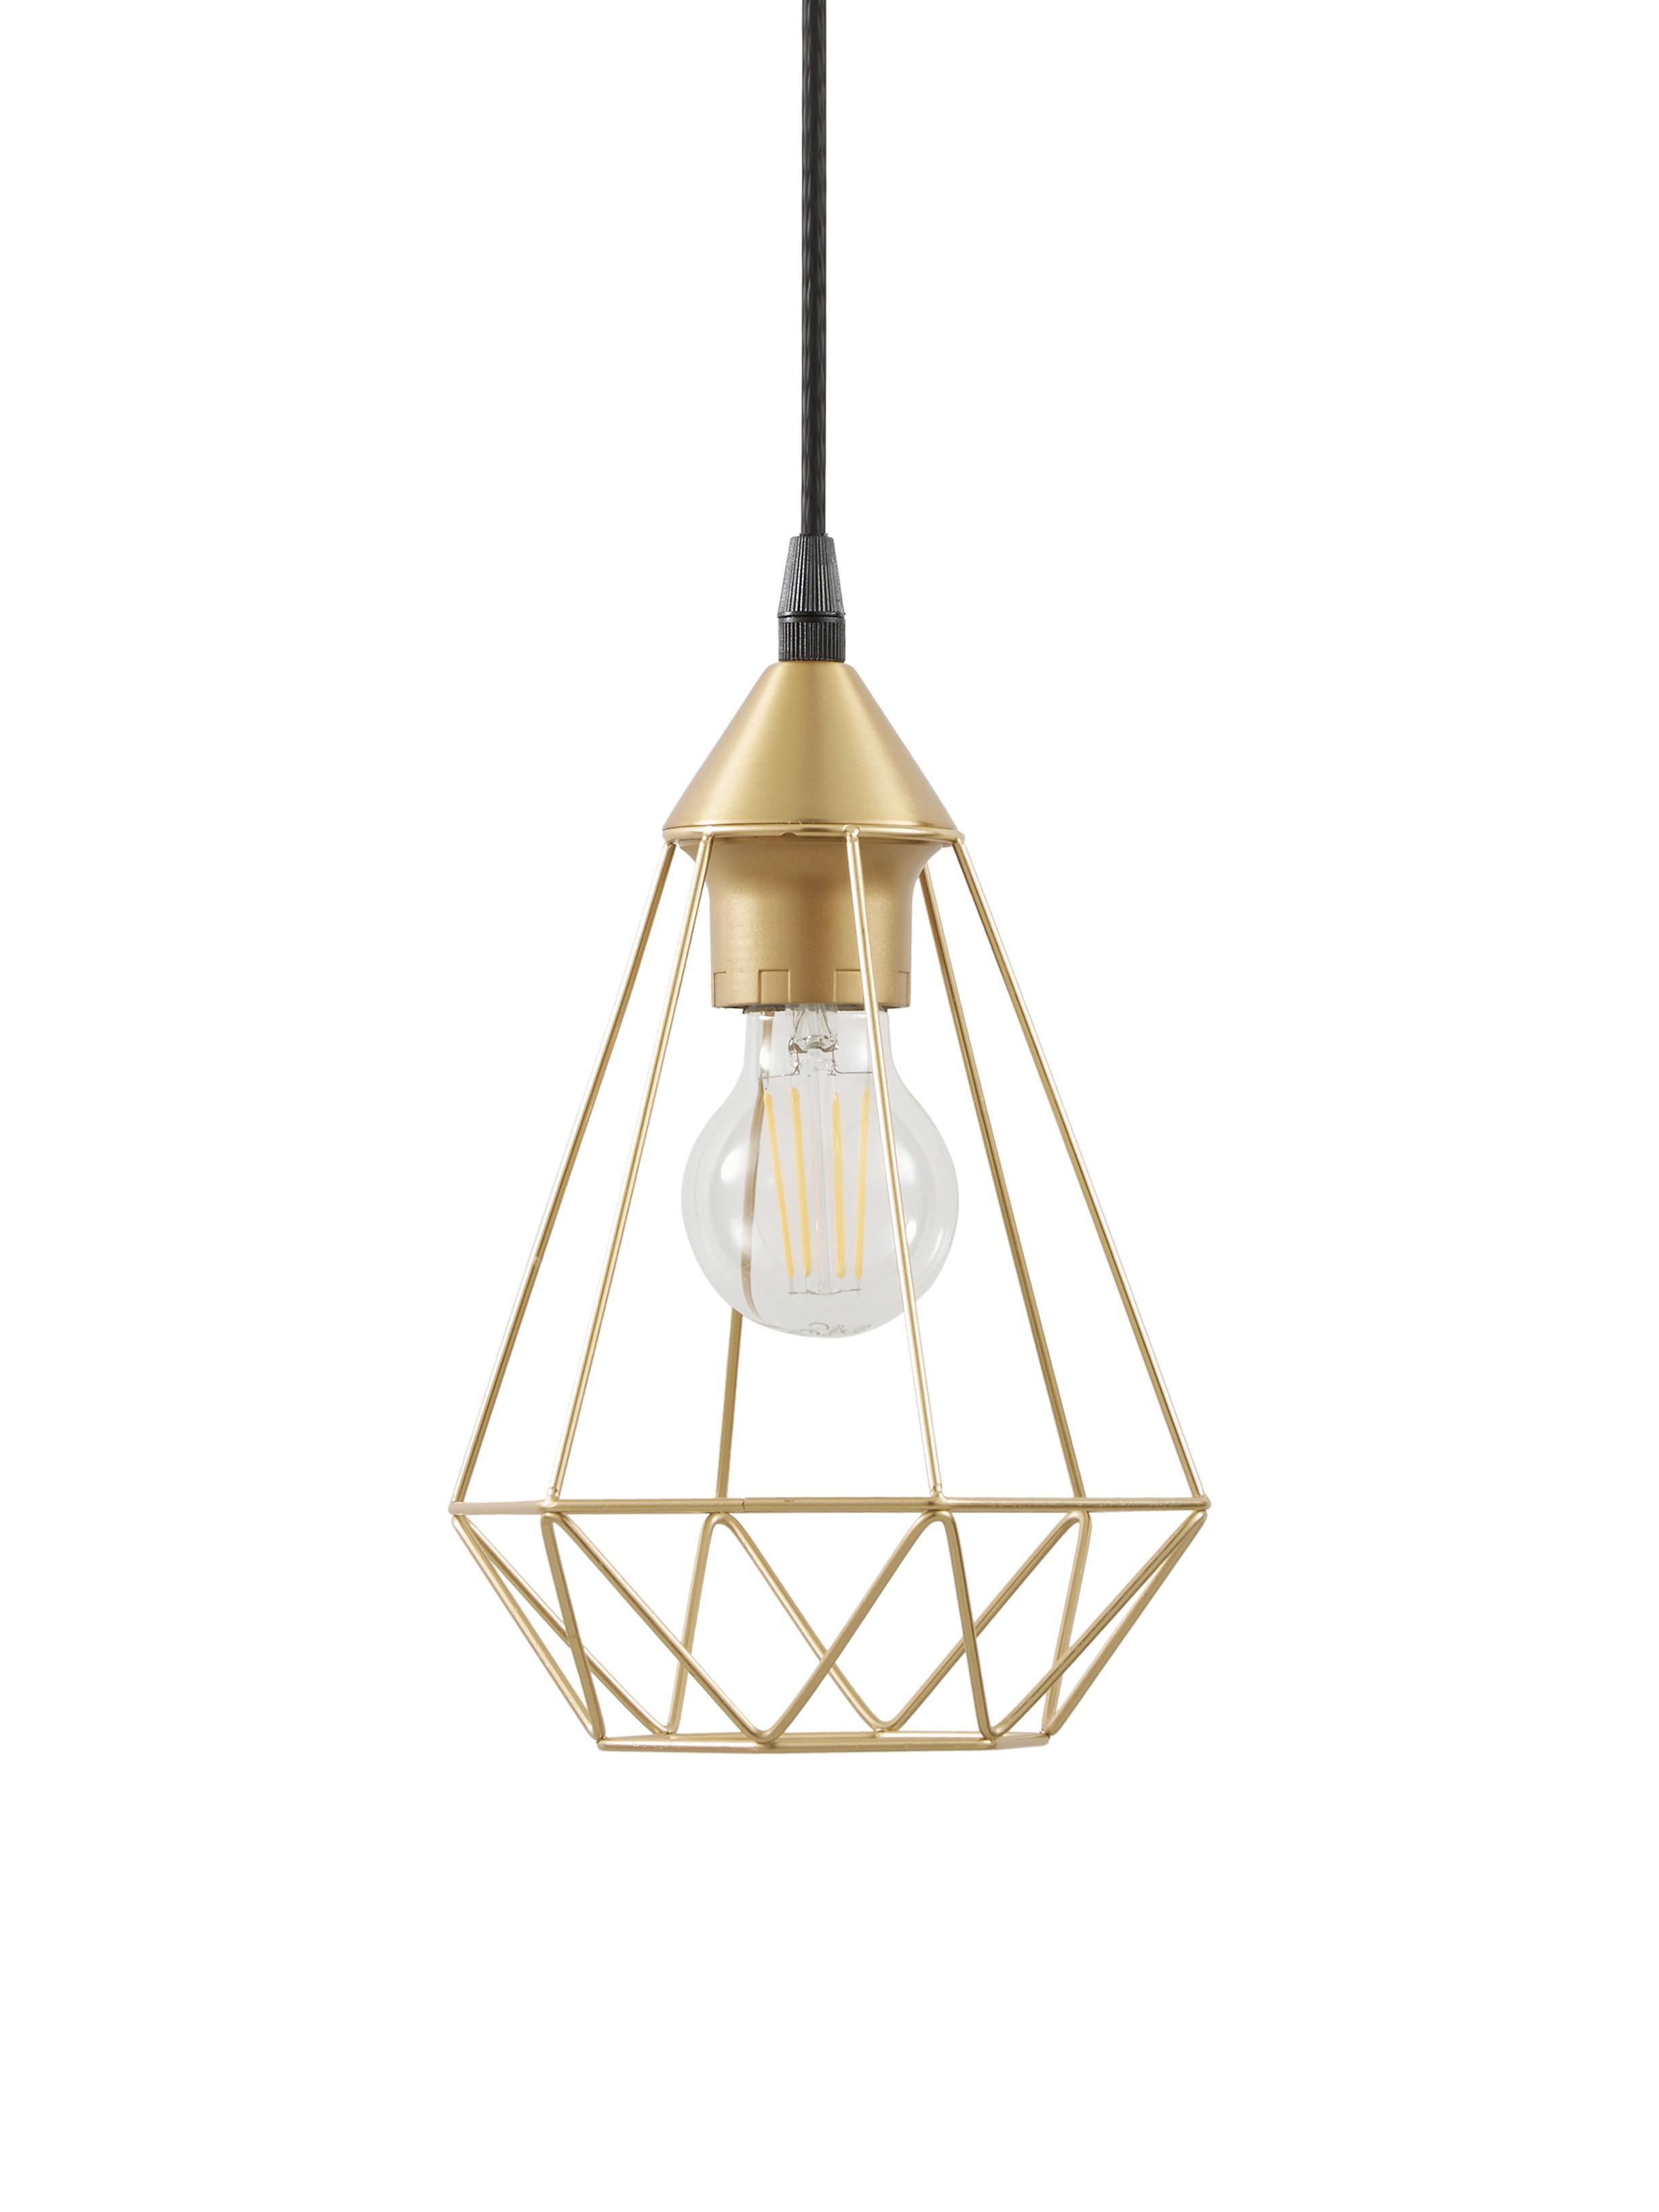 Lámpara de techo Kyle, Anclaje: metal cepillado, Pantalla: metal cepillado, Cable: cubierto en tela, Dorado, Ø 18 cm